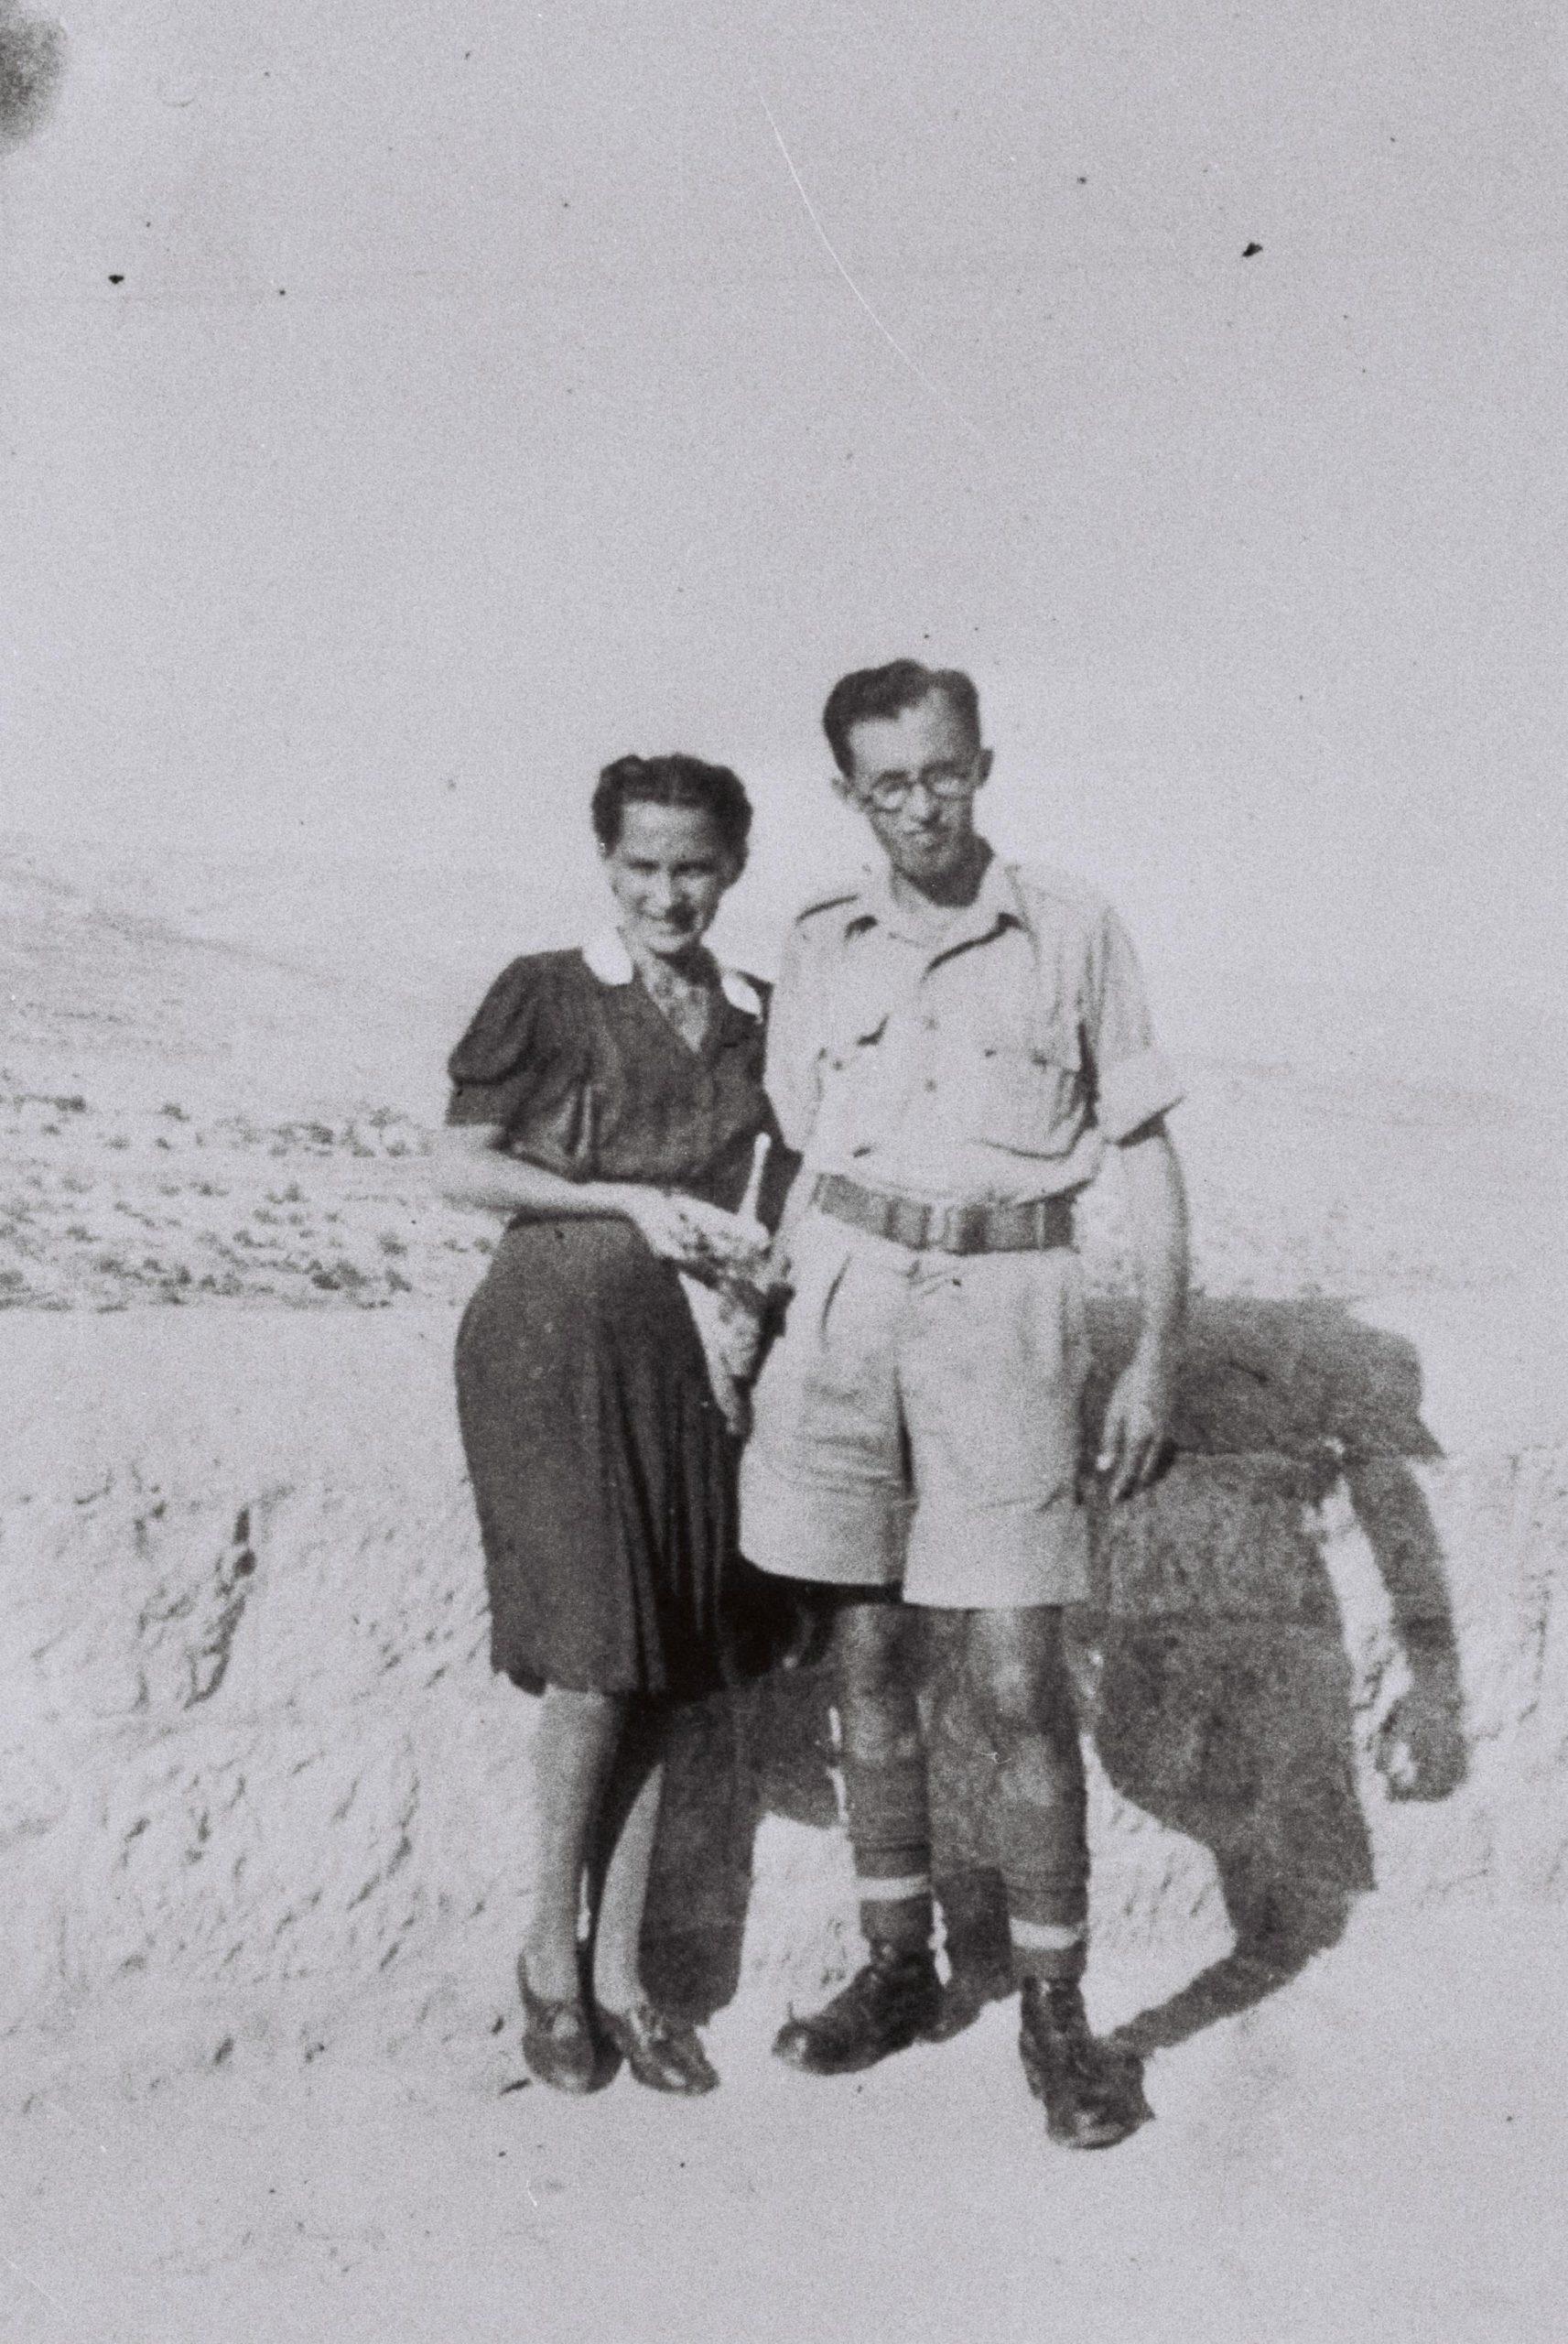 מנחם בגין במדים עם אשתו בארץ ישראל המנדטורית דצמבר 1942